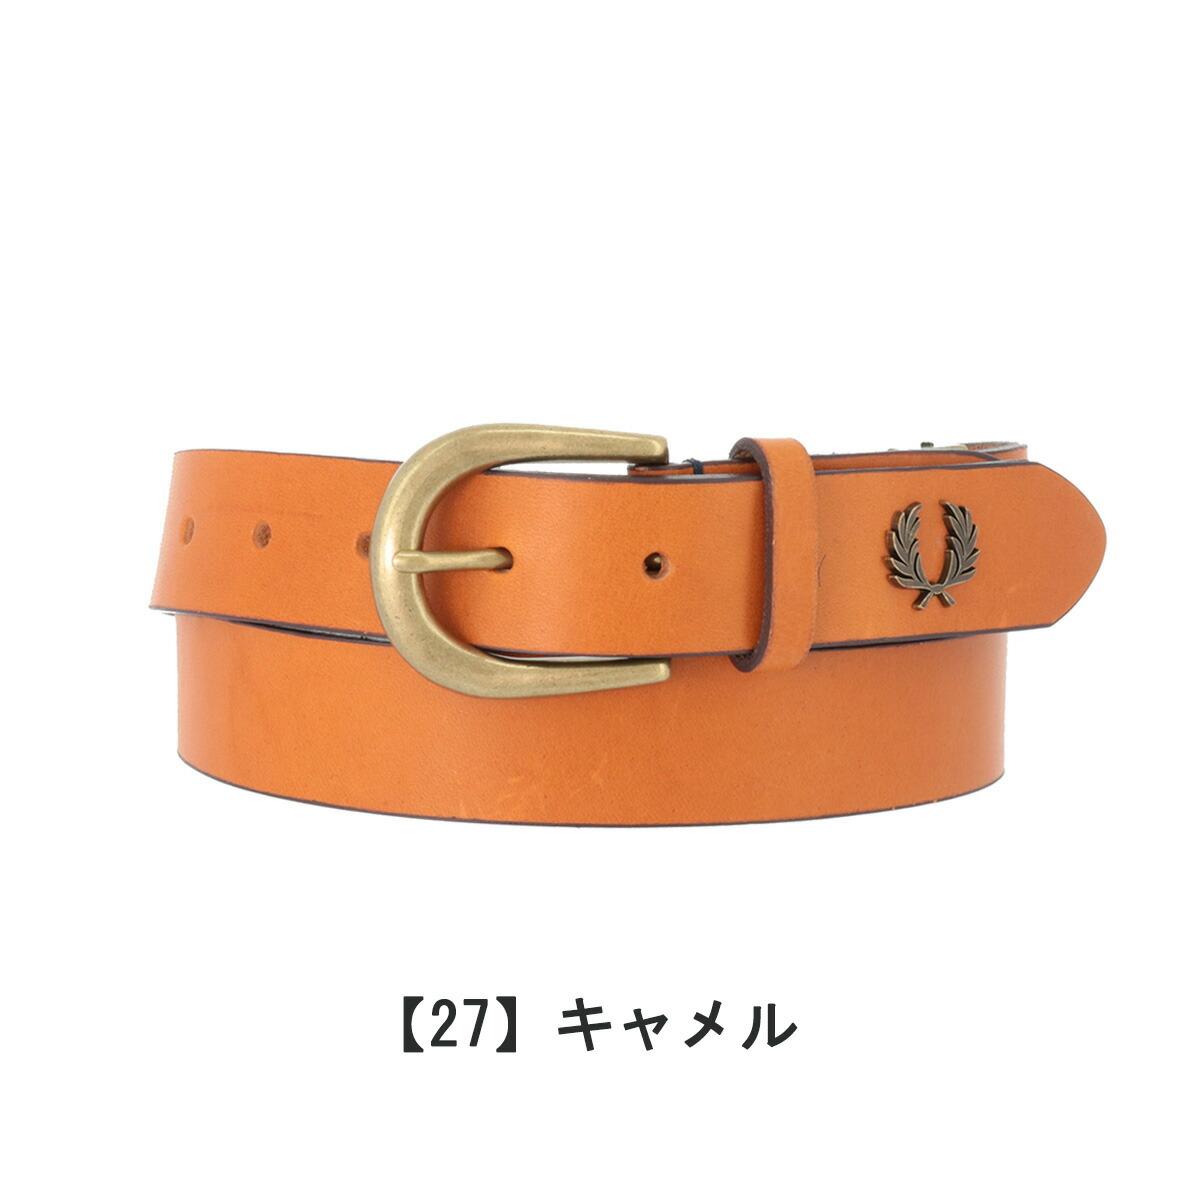 【27】キャメル